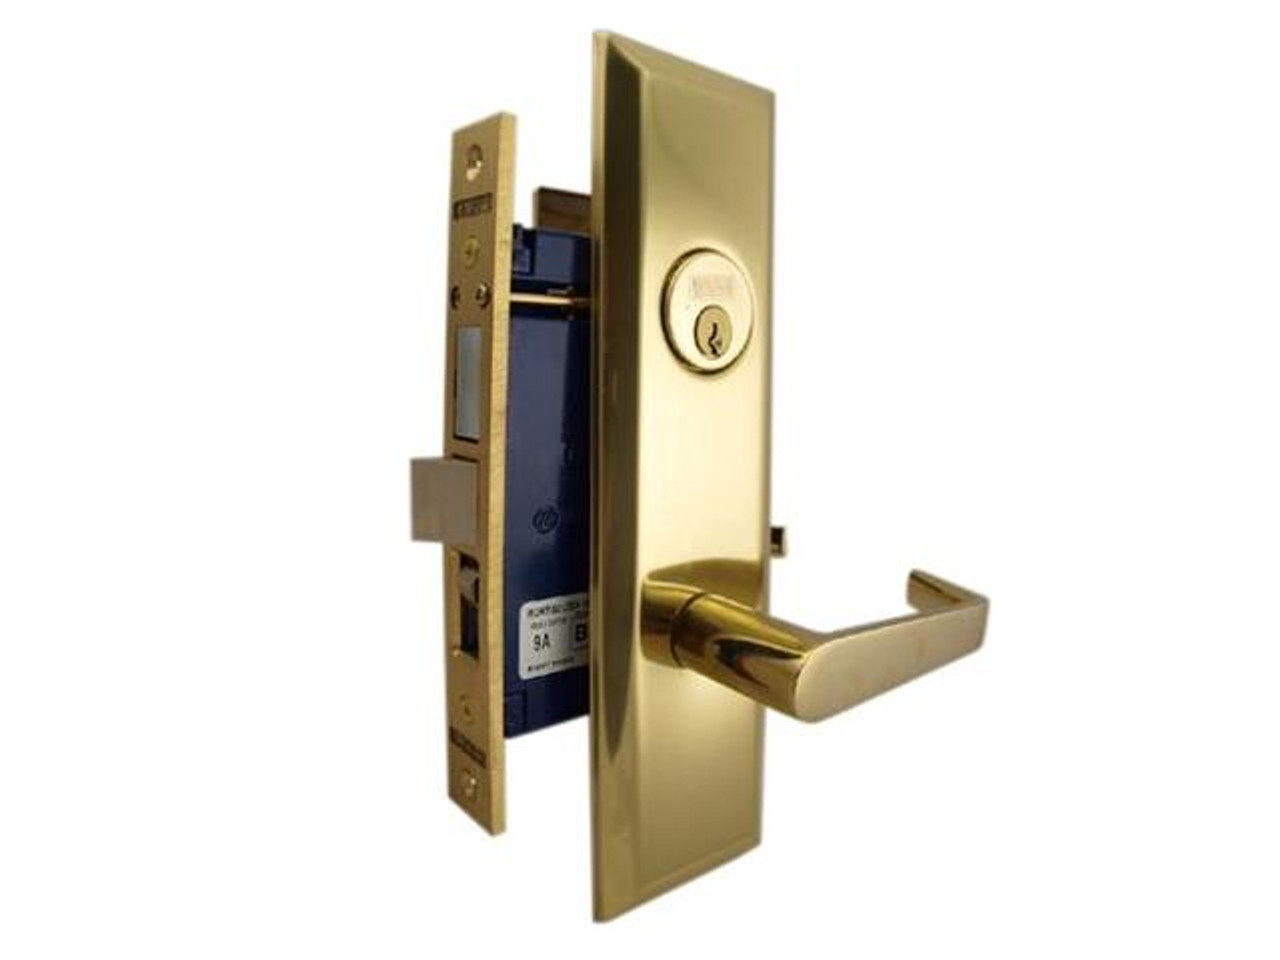 Locker Door Diagram Also With Mortise Lock Parts Diagram